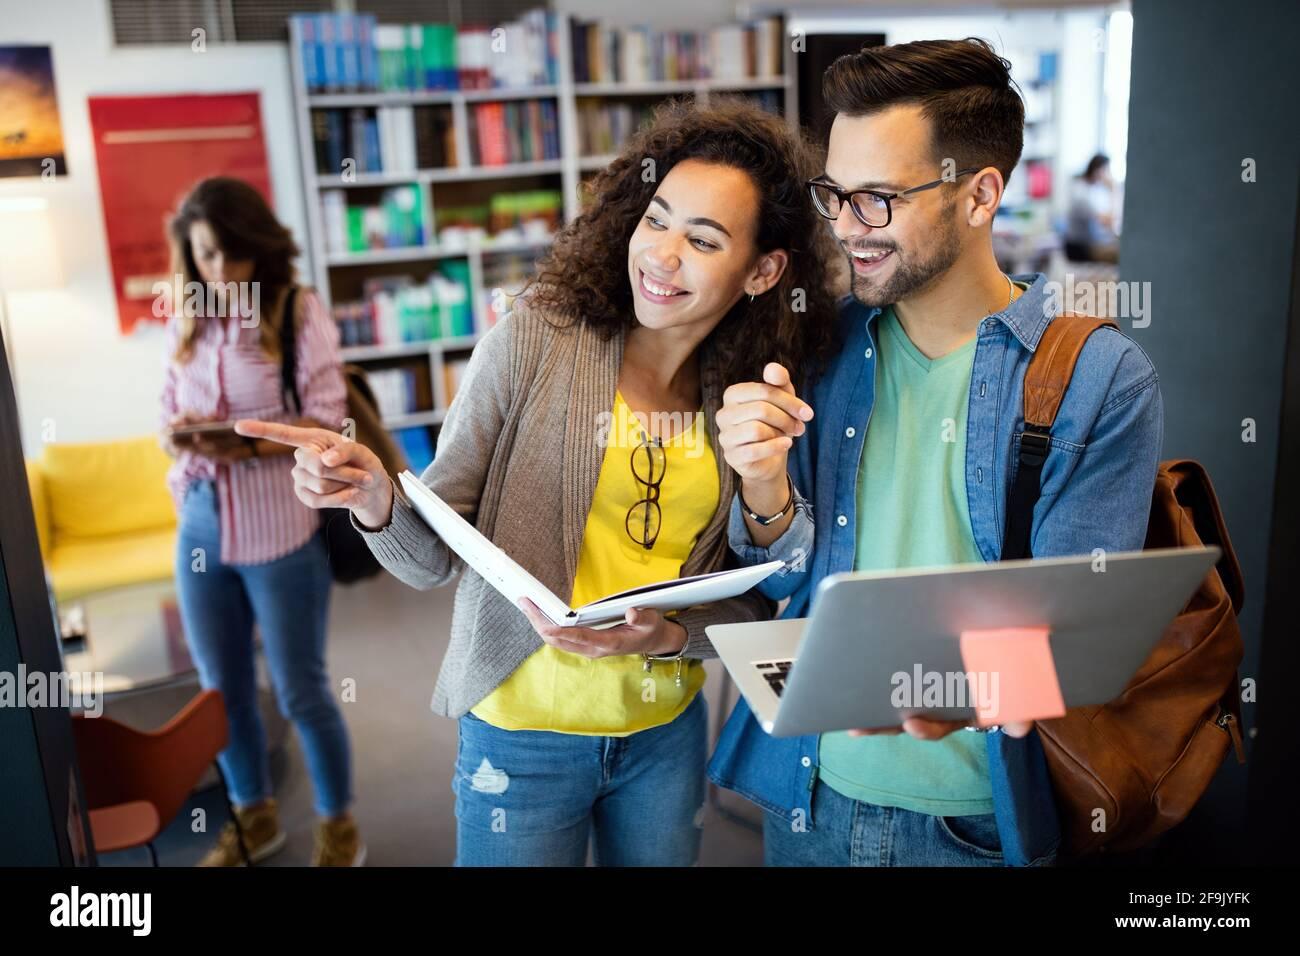 Gruppo di studenti studiano in biblioteca. Apprendimento e preparazione per l'esame universitario. Foto Stock